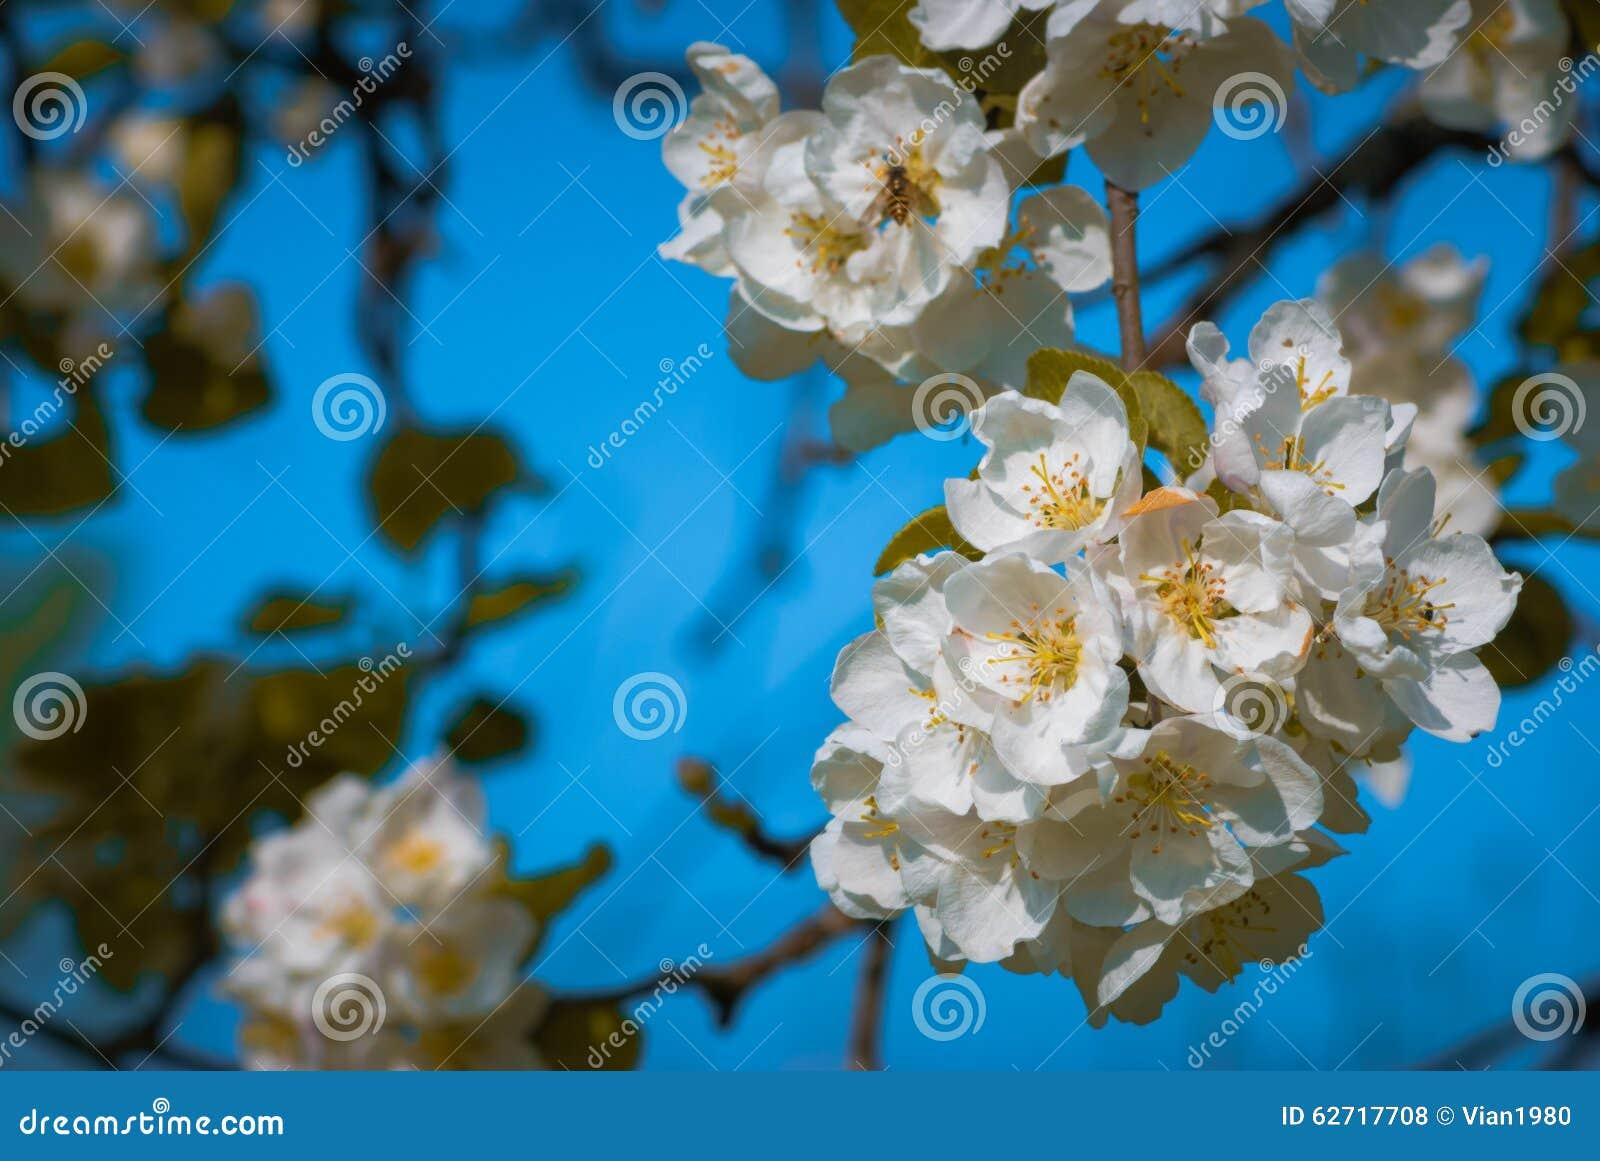 στενό δέντρο λουλουδιών ανθών μήλων επάνω